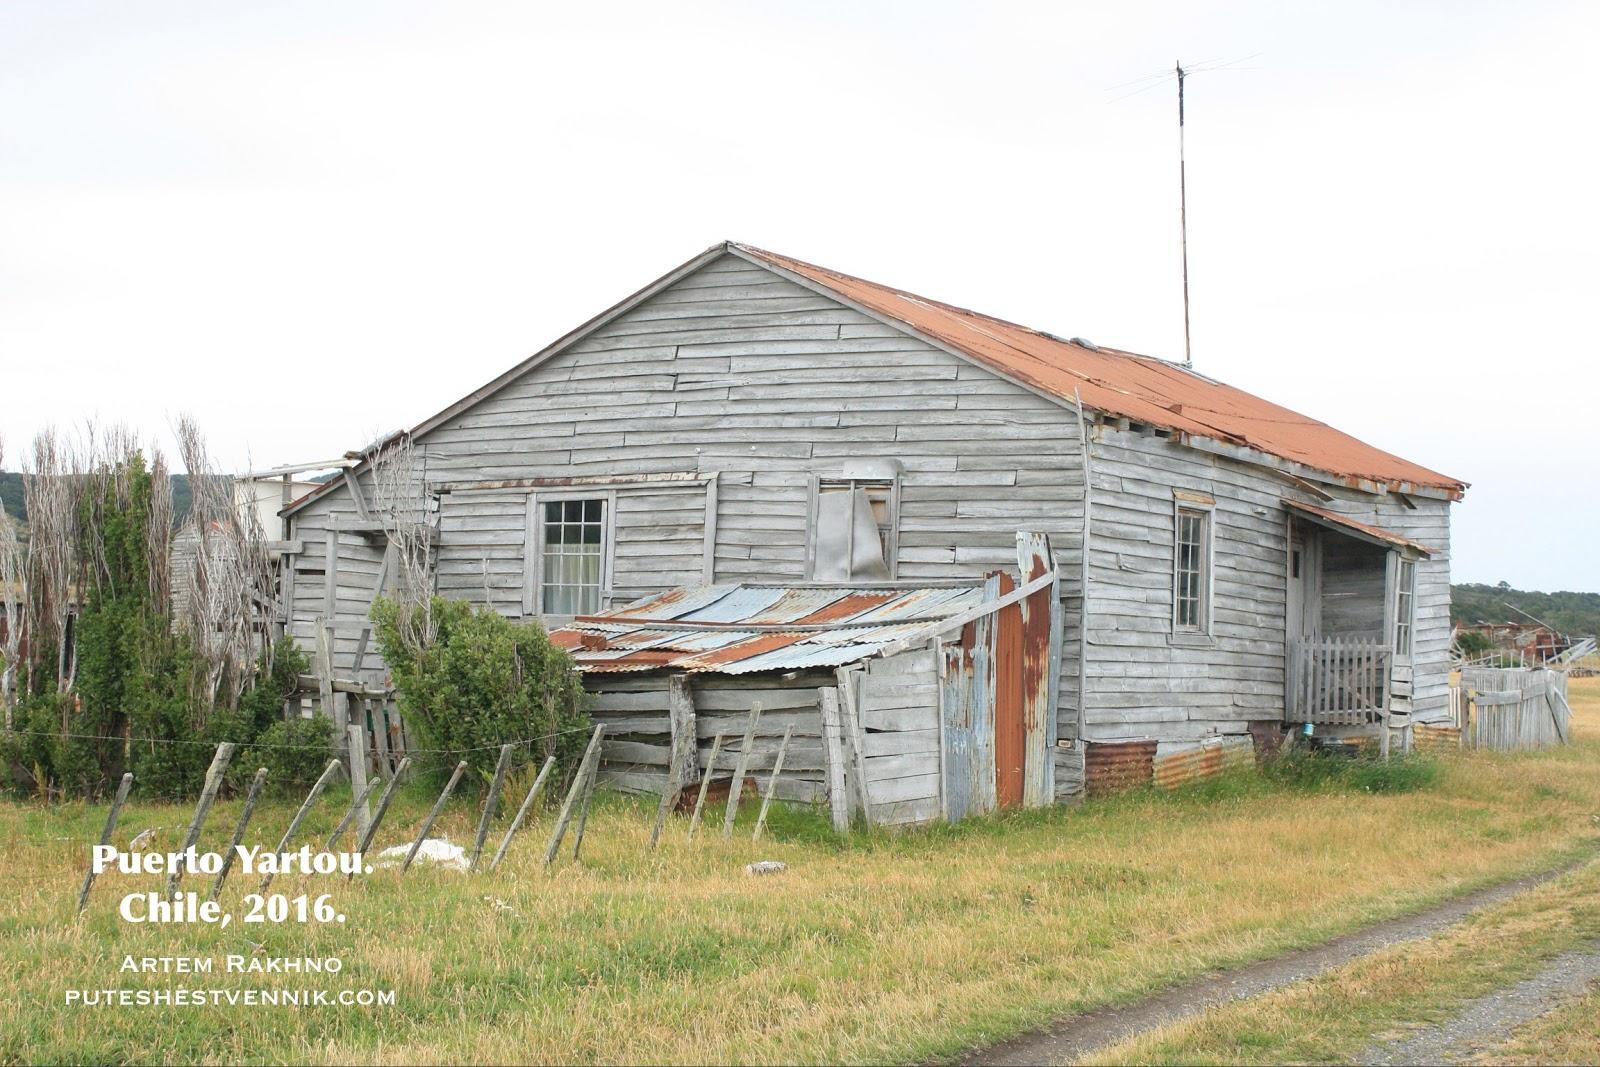 Старый деревянный дом эстанции Пуэрто Яртоу